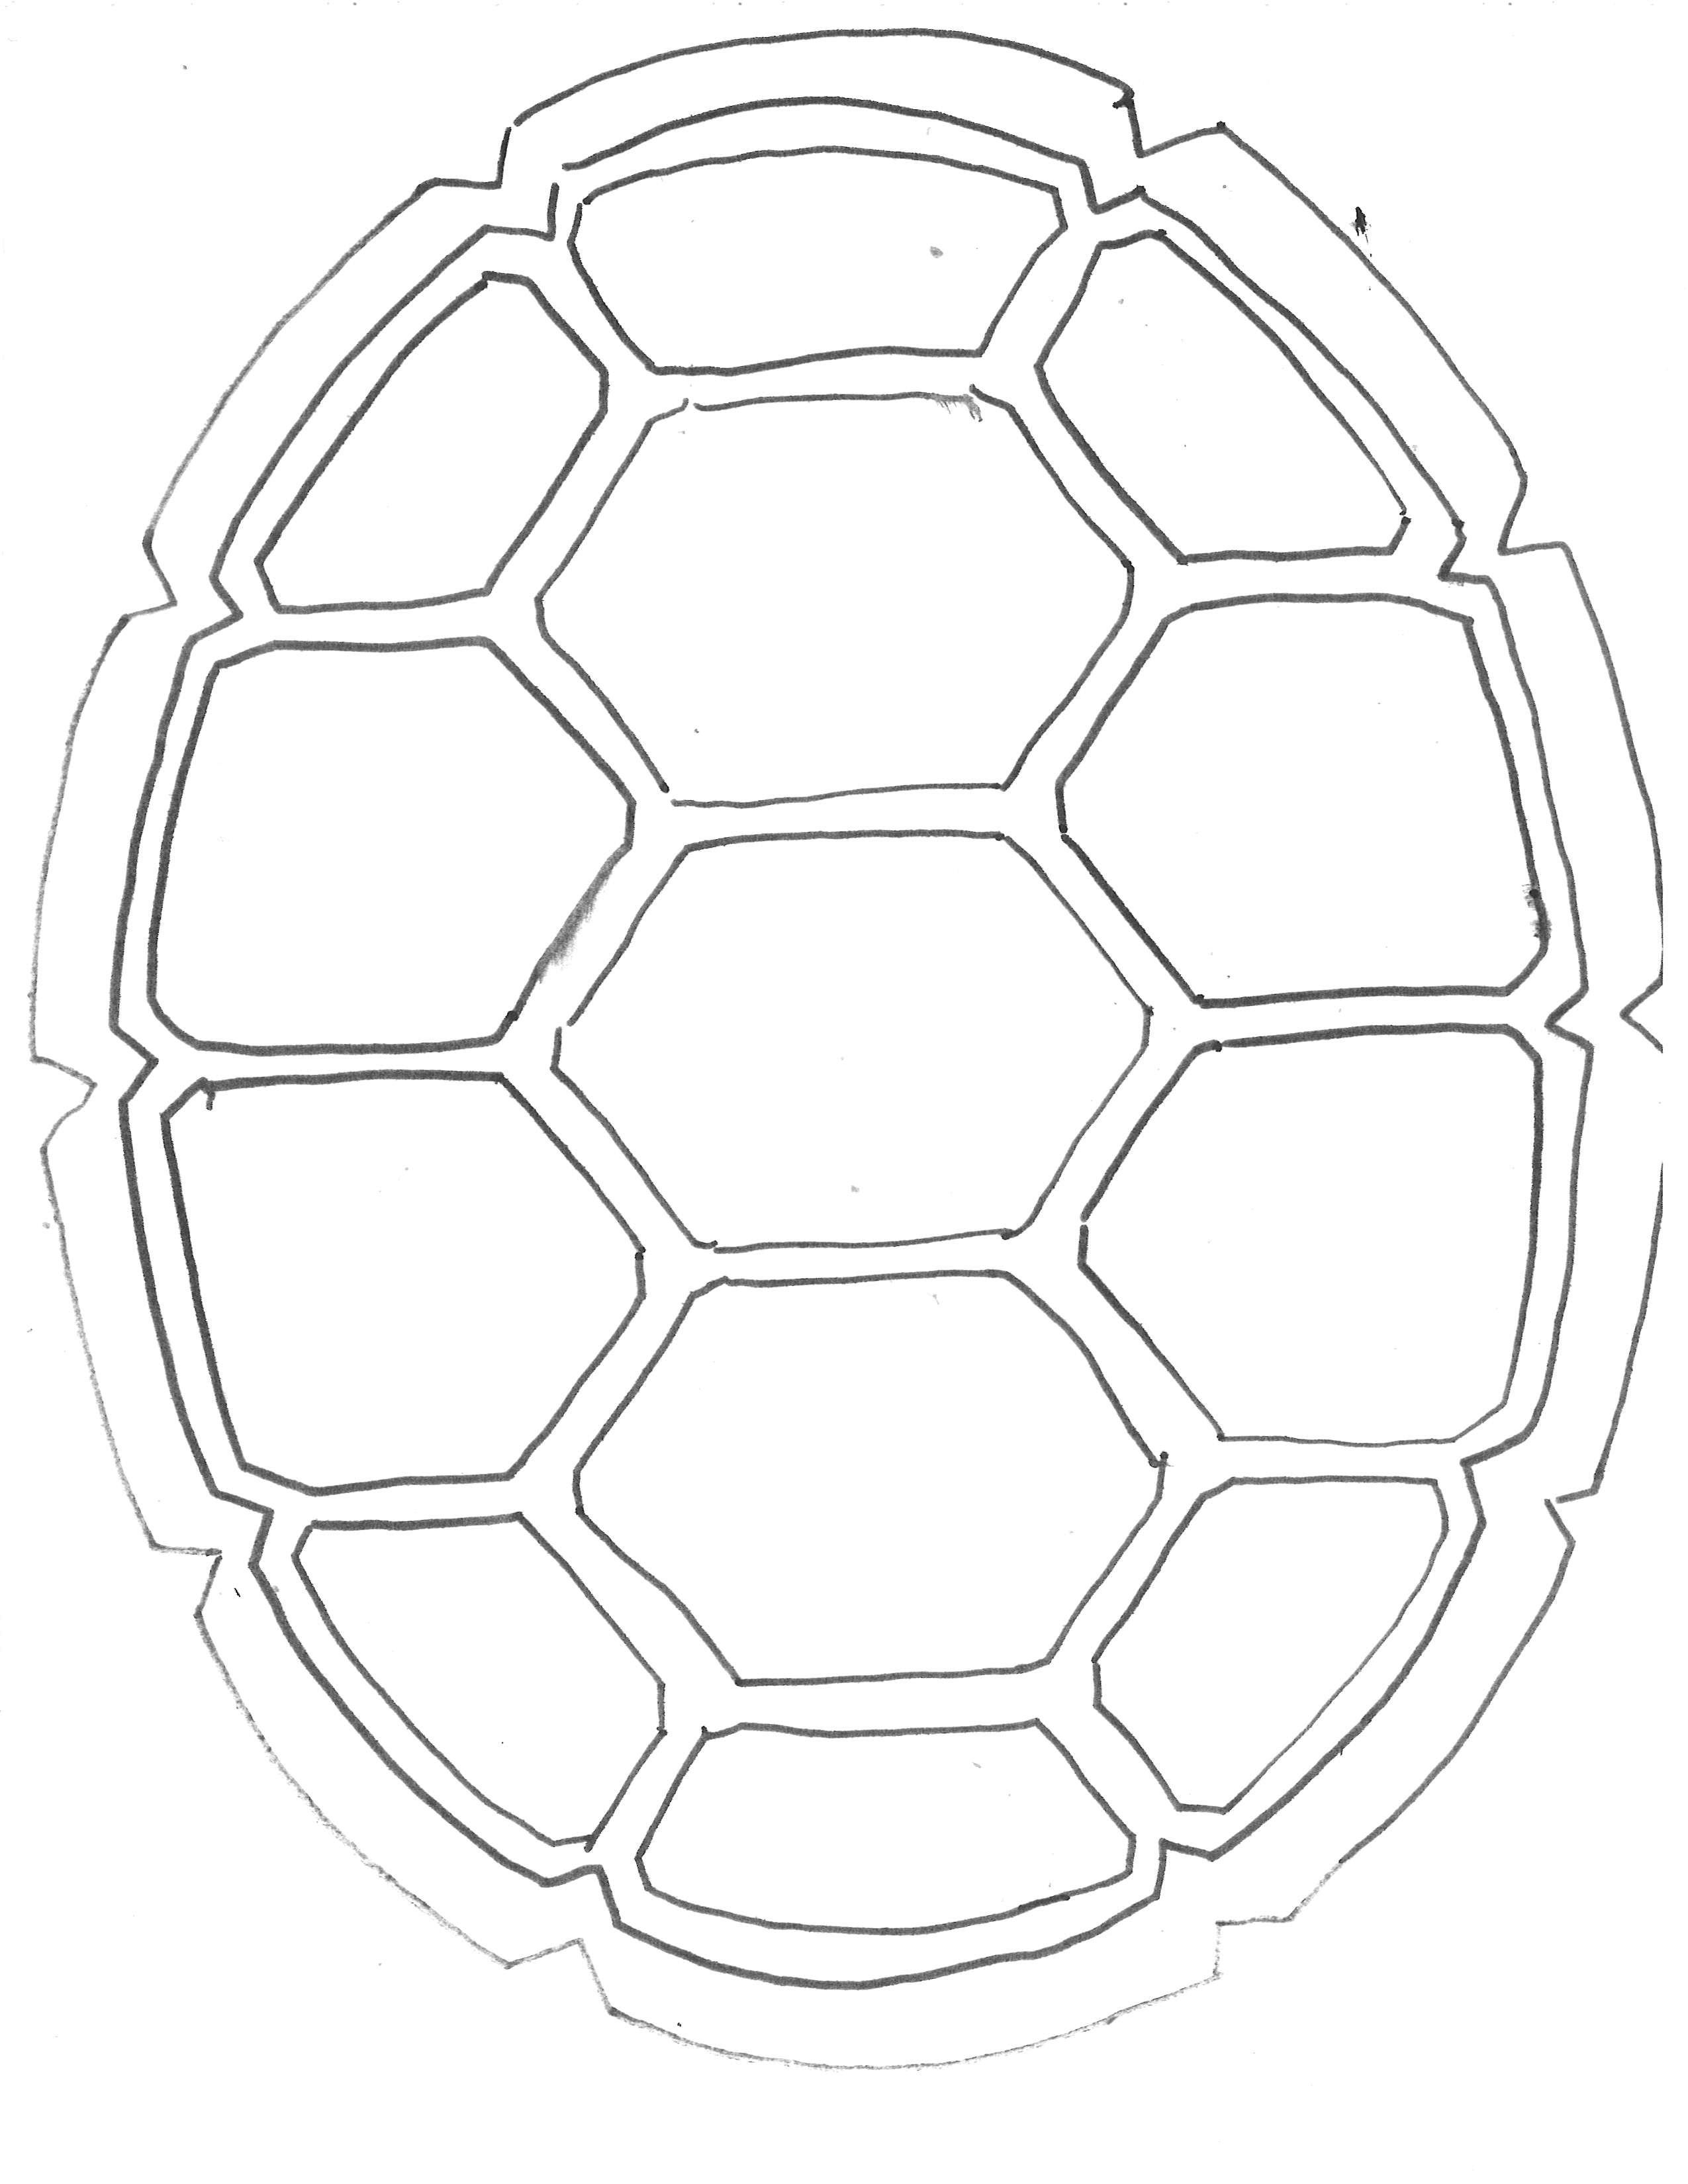 Shells Drawing At Getdrawings